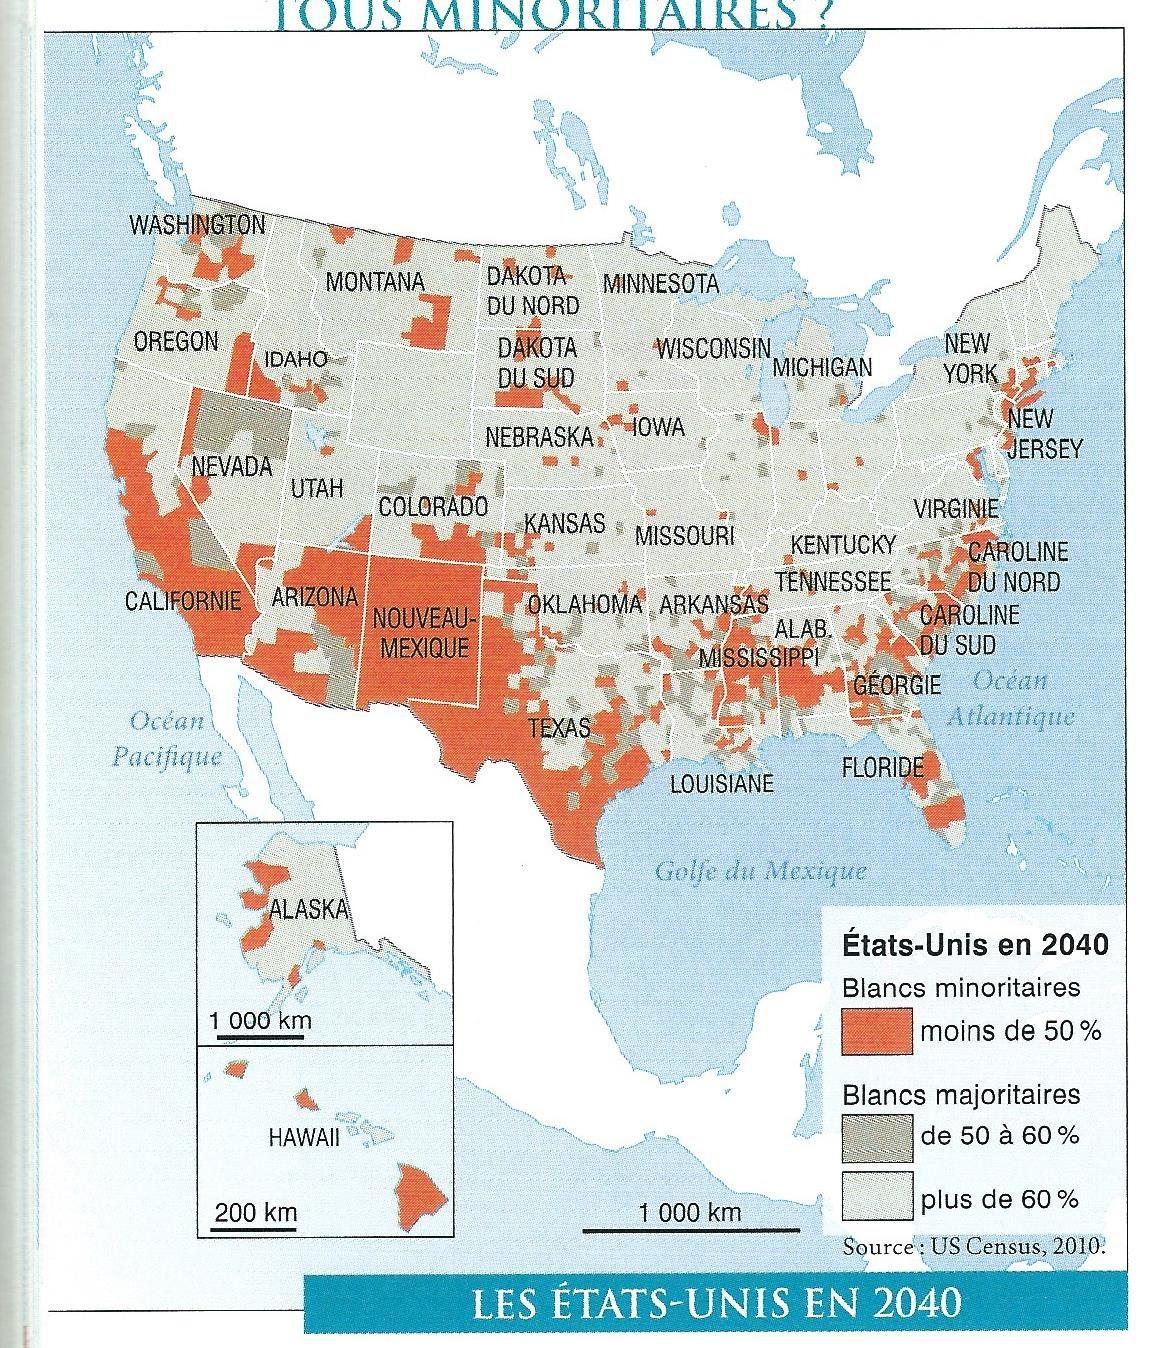 Comprendre le sujet « Minorités et recompositions territoriales en Amérique du Nord (Canada, États-Unis, Mexique) » des documents